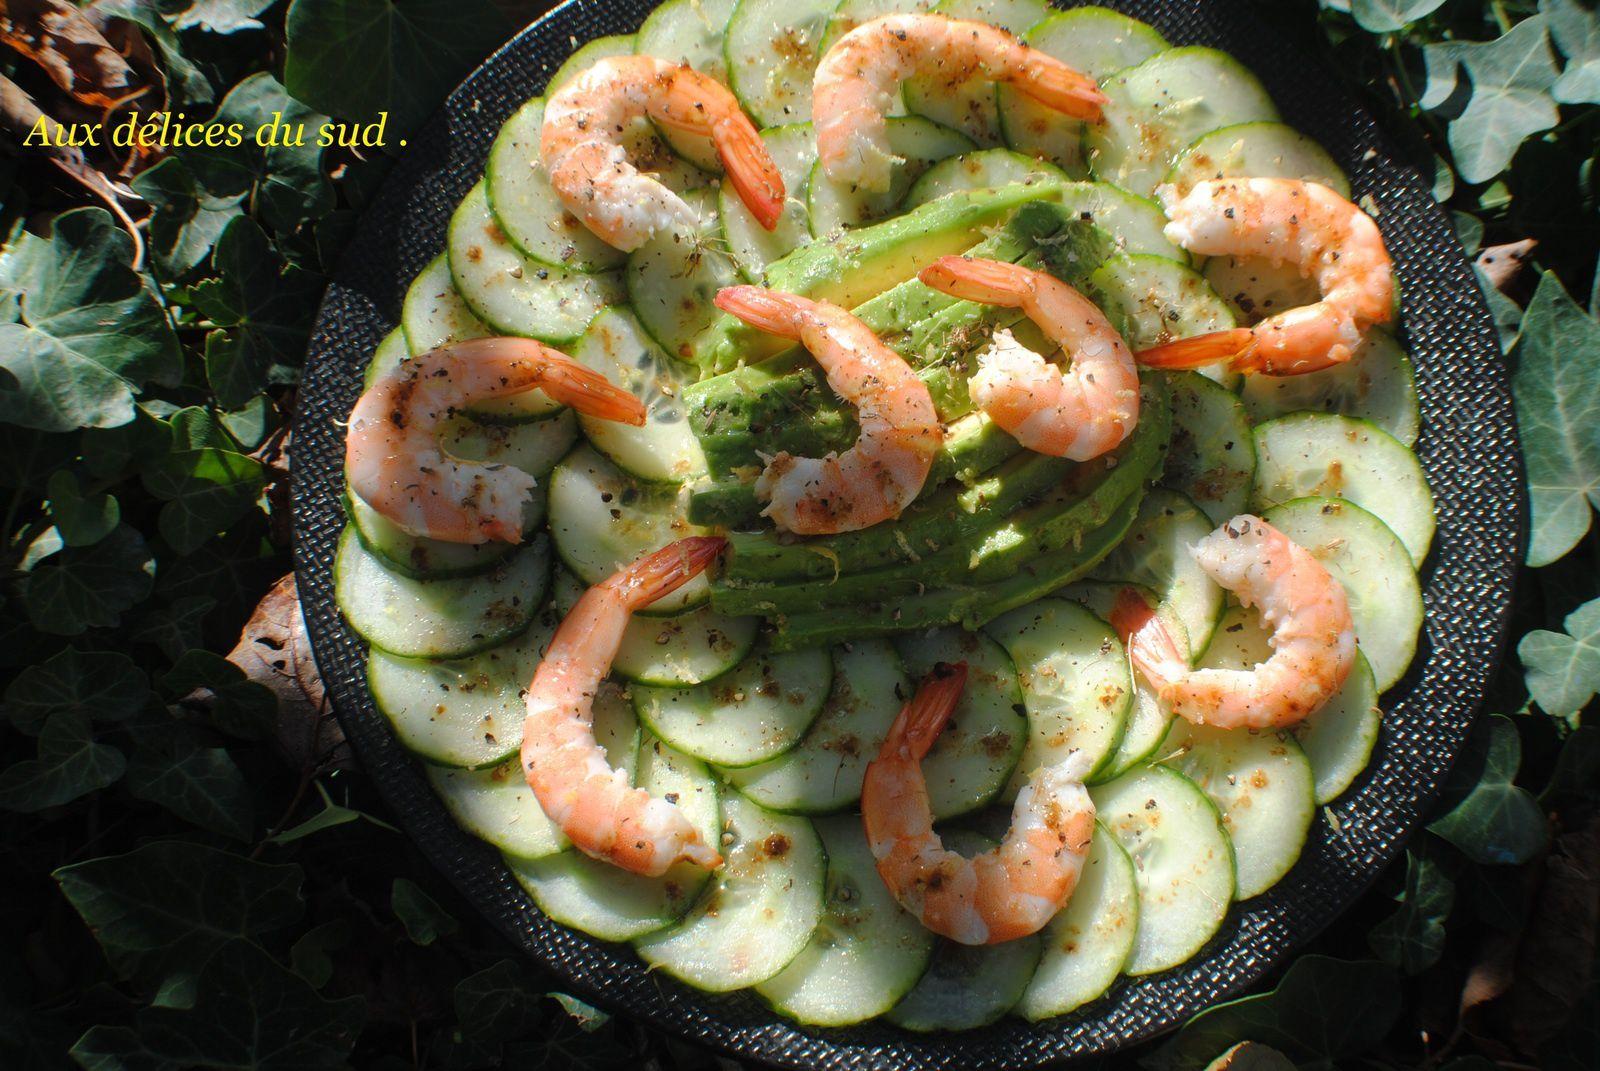 Salade de concombre ,avocat et crevettes .